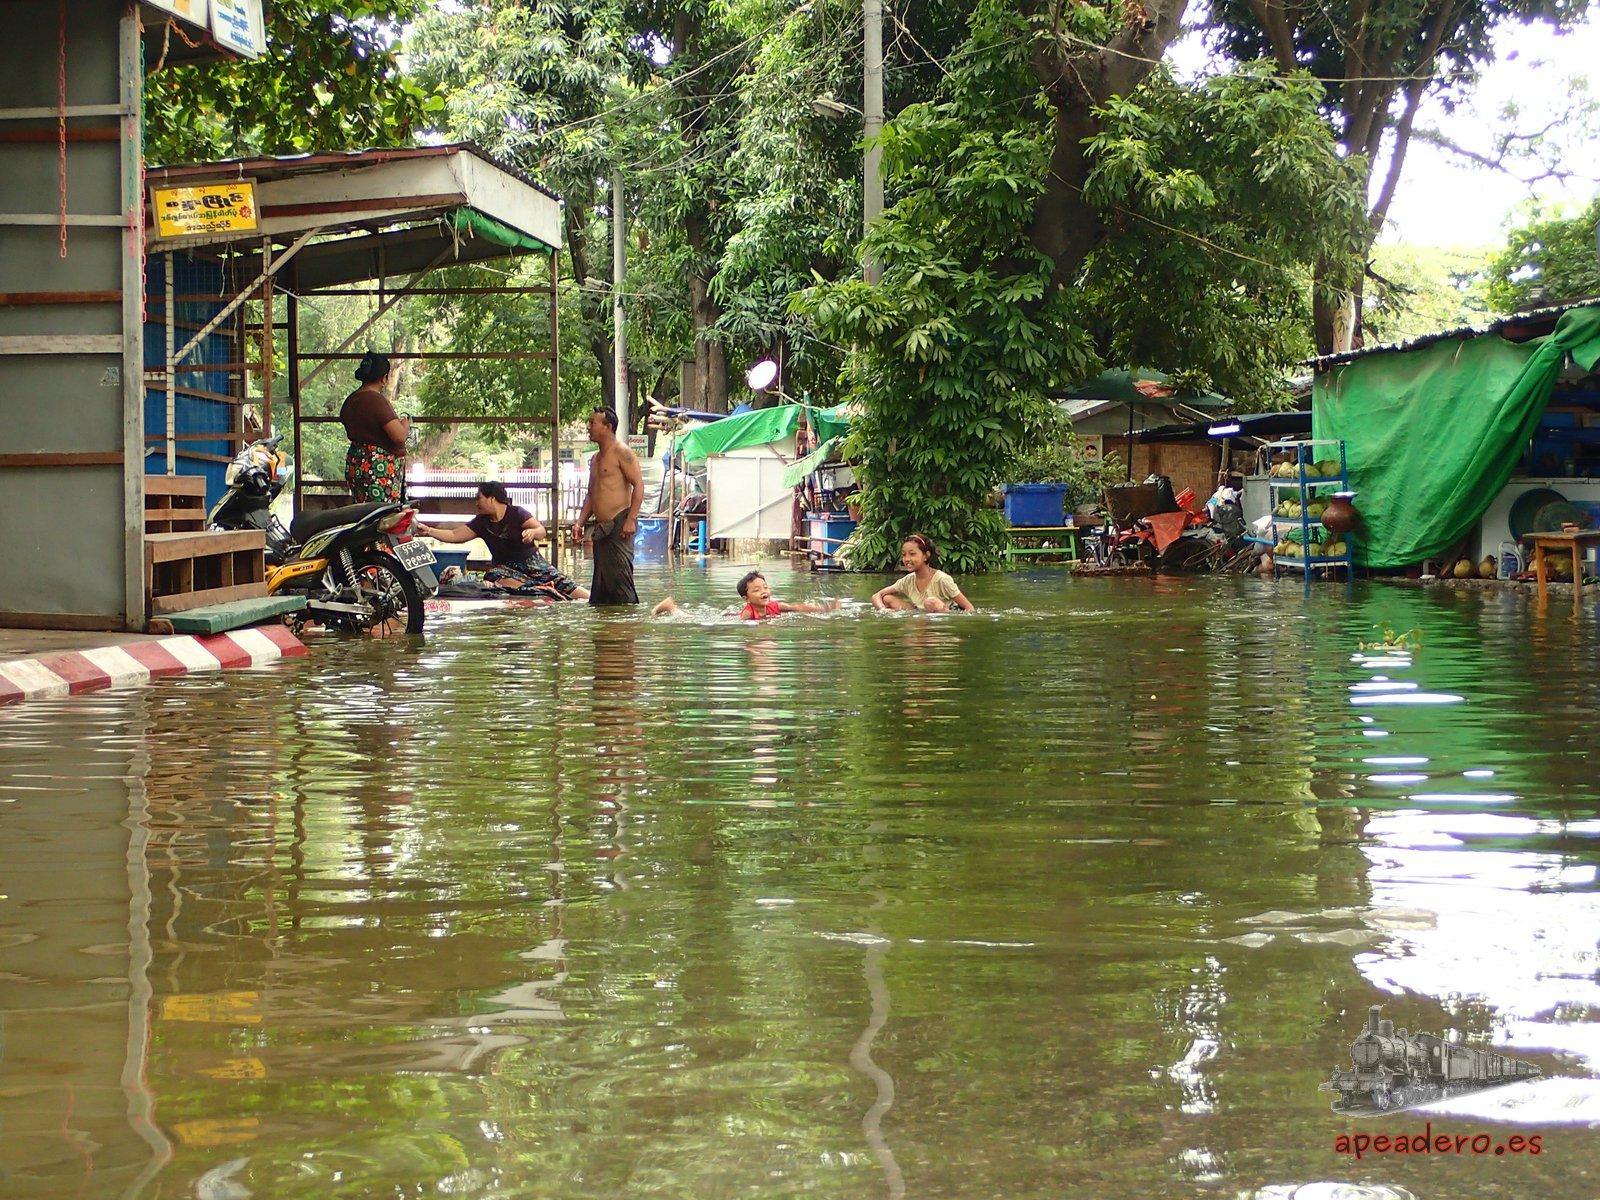 A pesar de las inundaciones, los birmanos no pierden la sonrisa y utilizan el agua que entra hasta sus casa para jugar con los más pequeños.